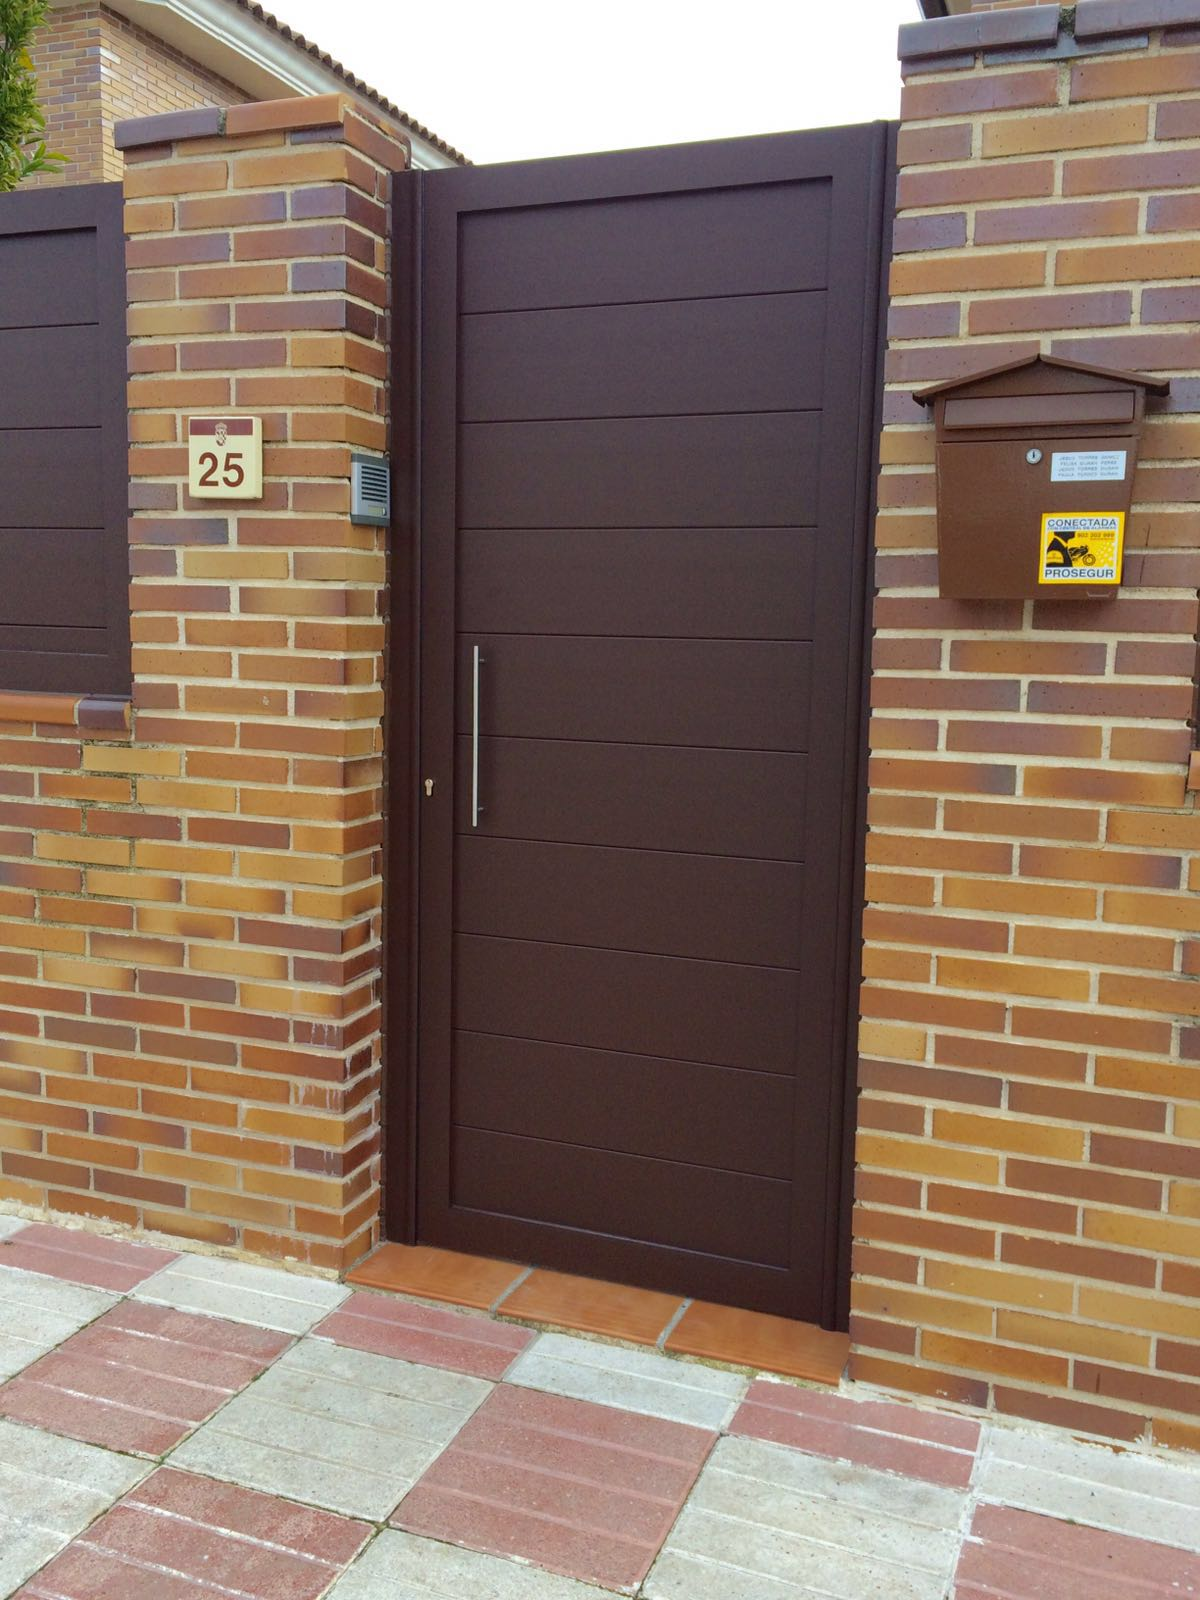 Puertas metalicas exterior best talleres metalicos julian for Puertas metalicas exterior